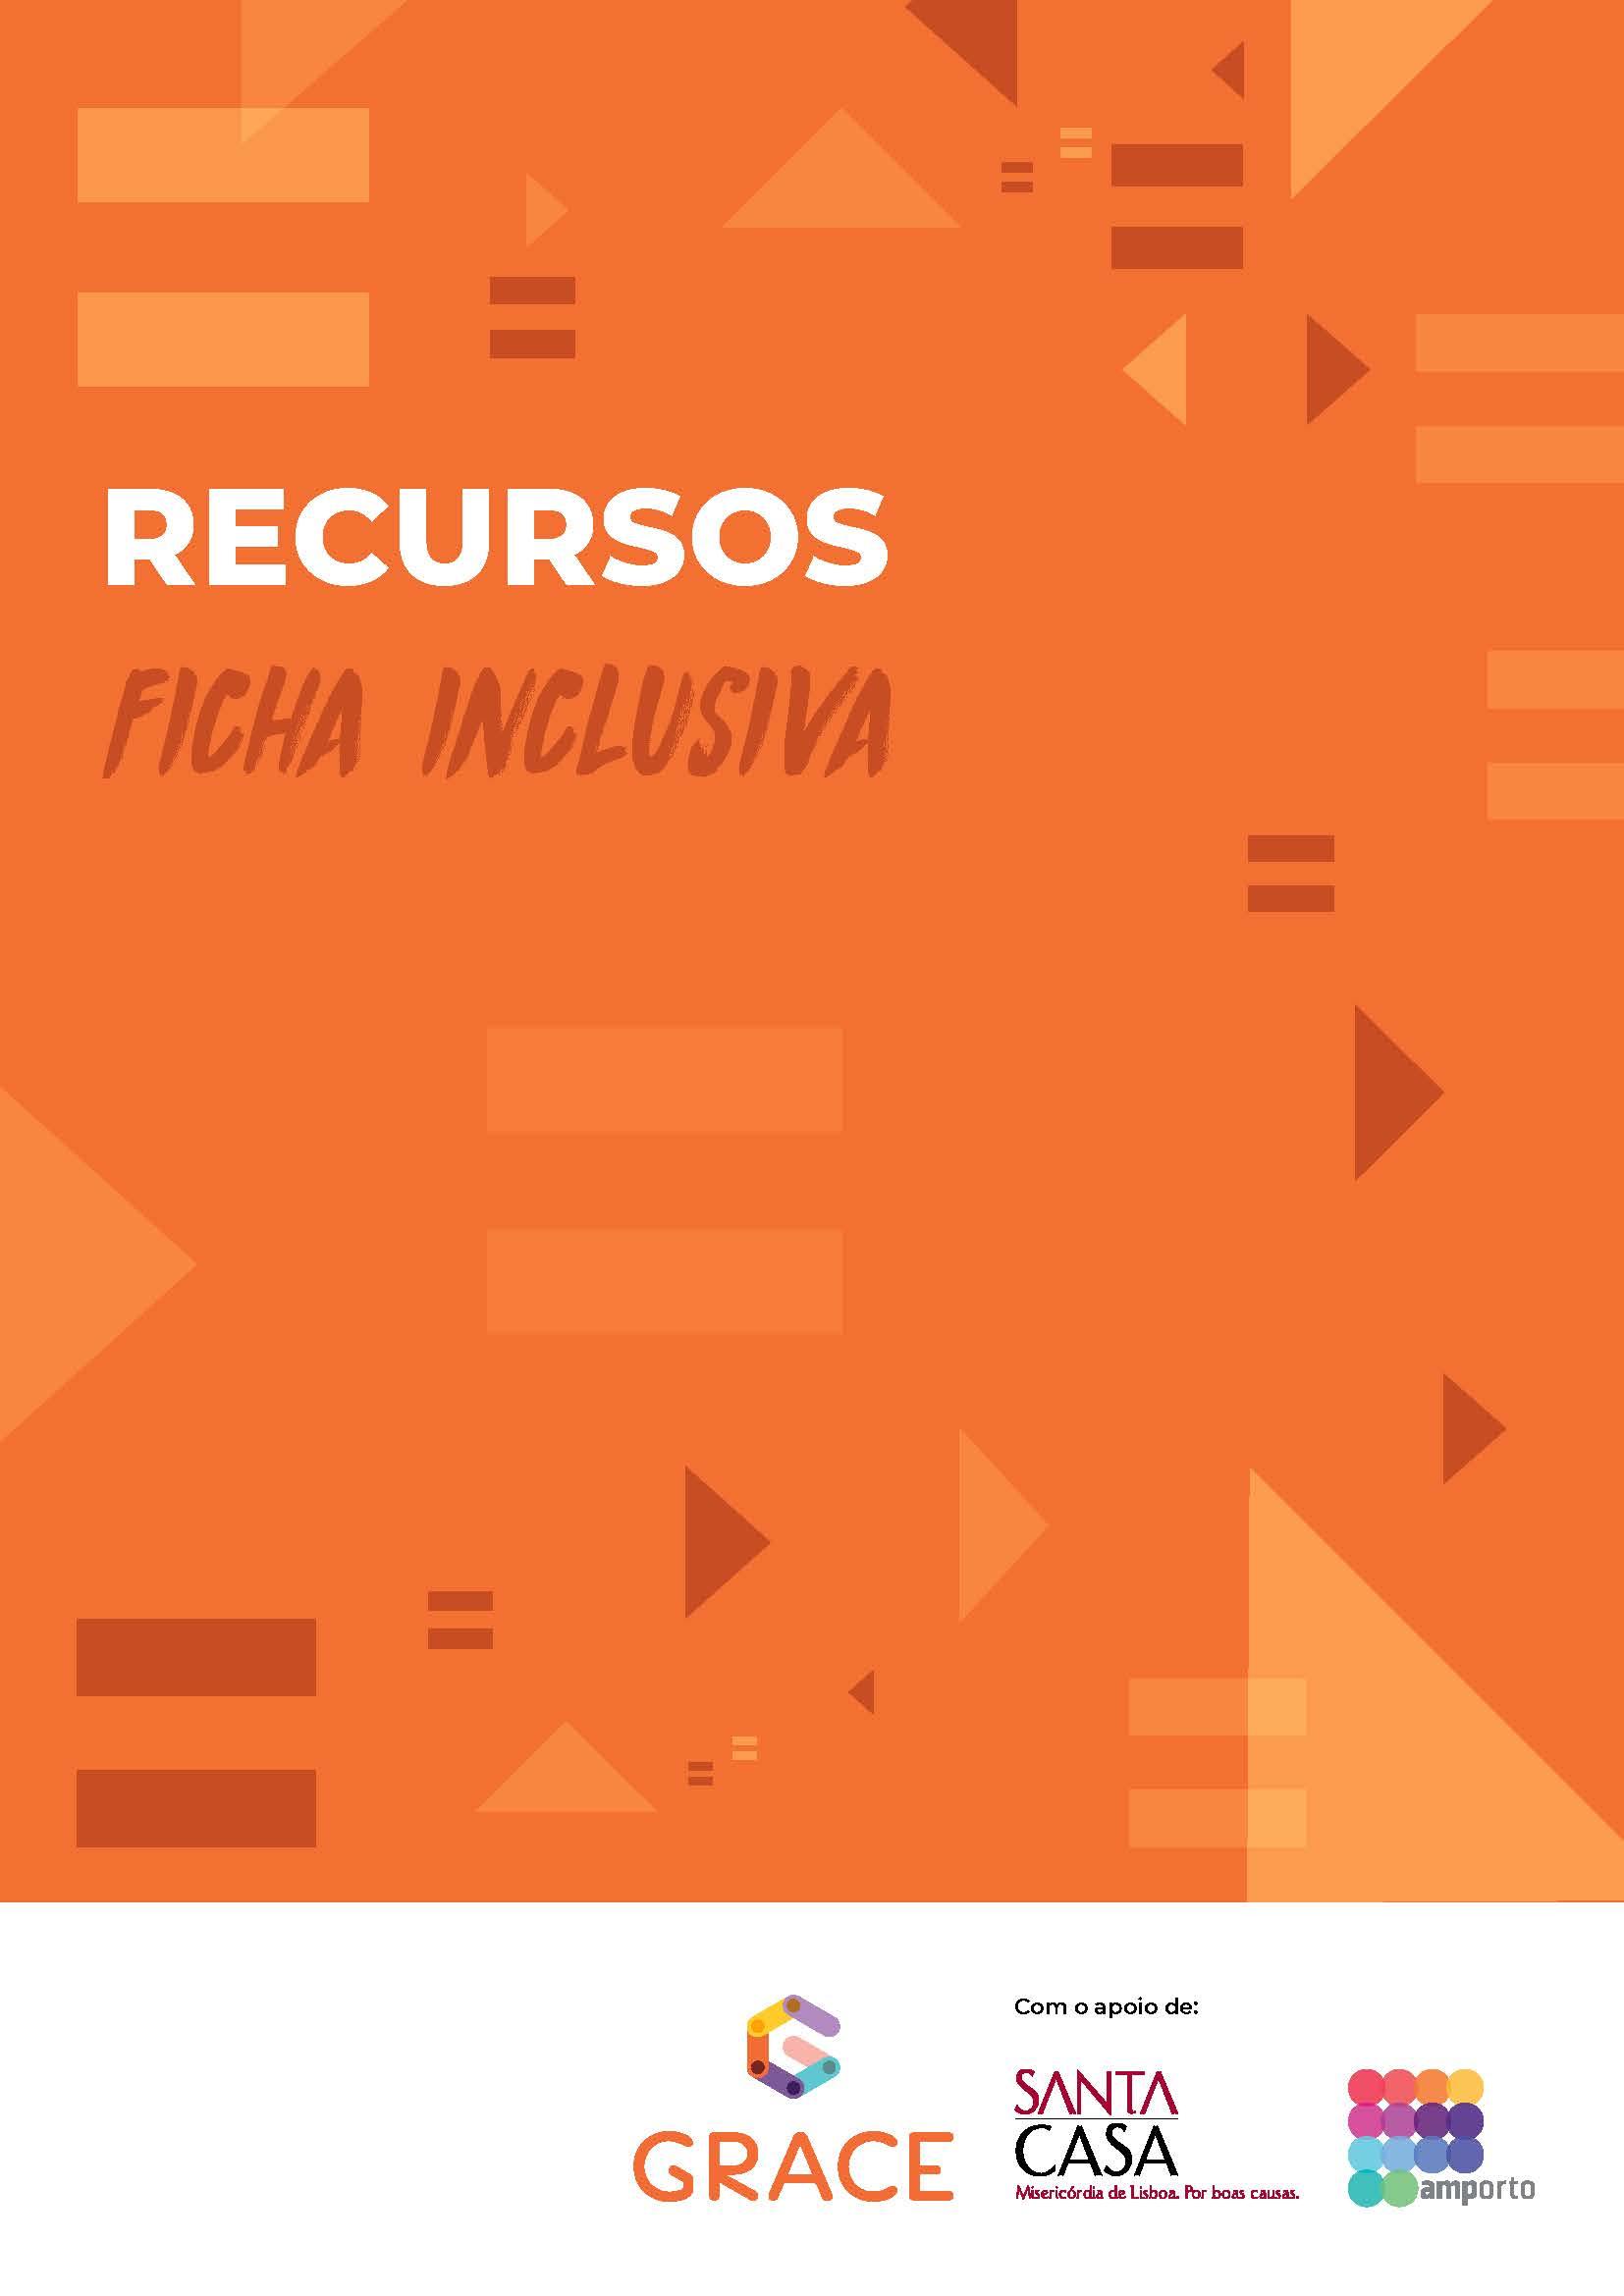 Ficha Inclusiva | Recursos